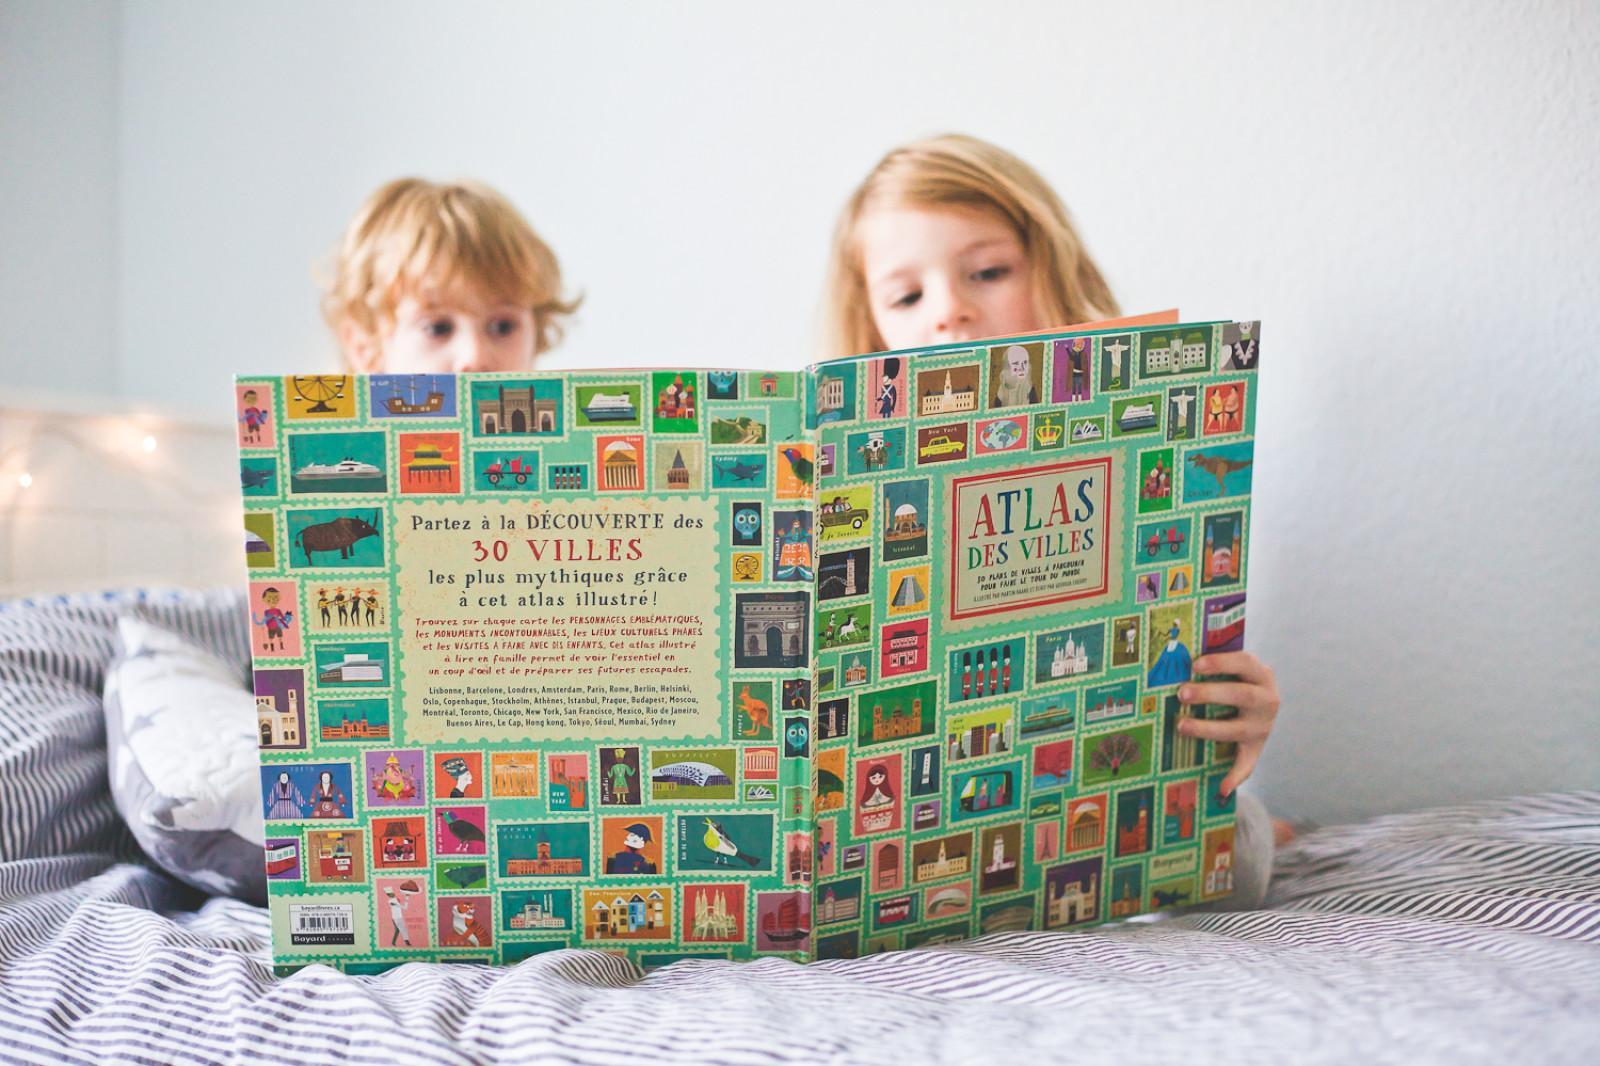 Atlas des villes : Partir en voyage dans son salon